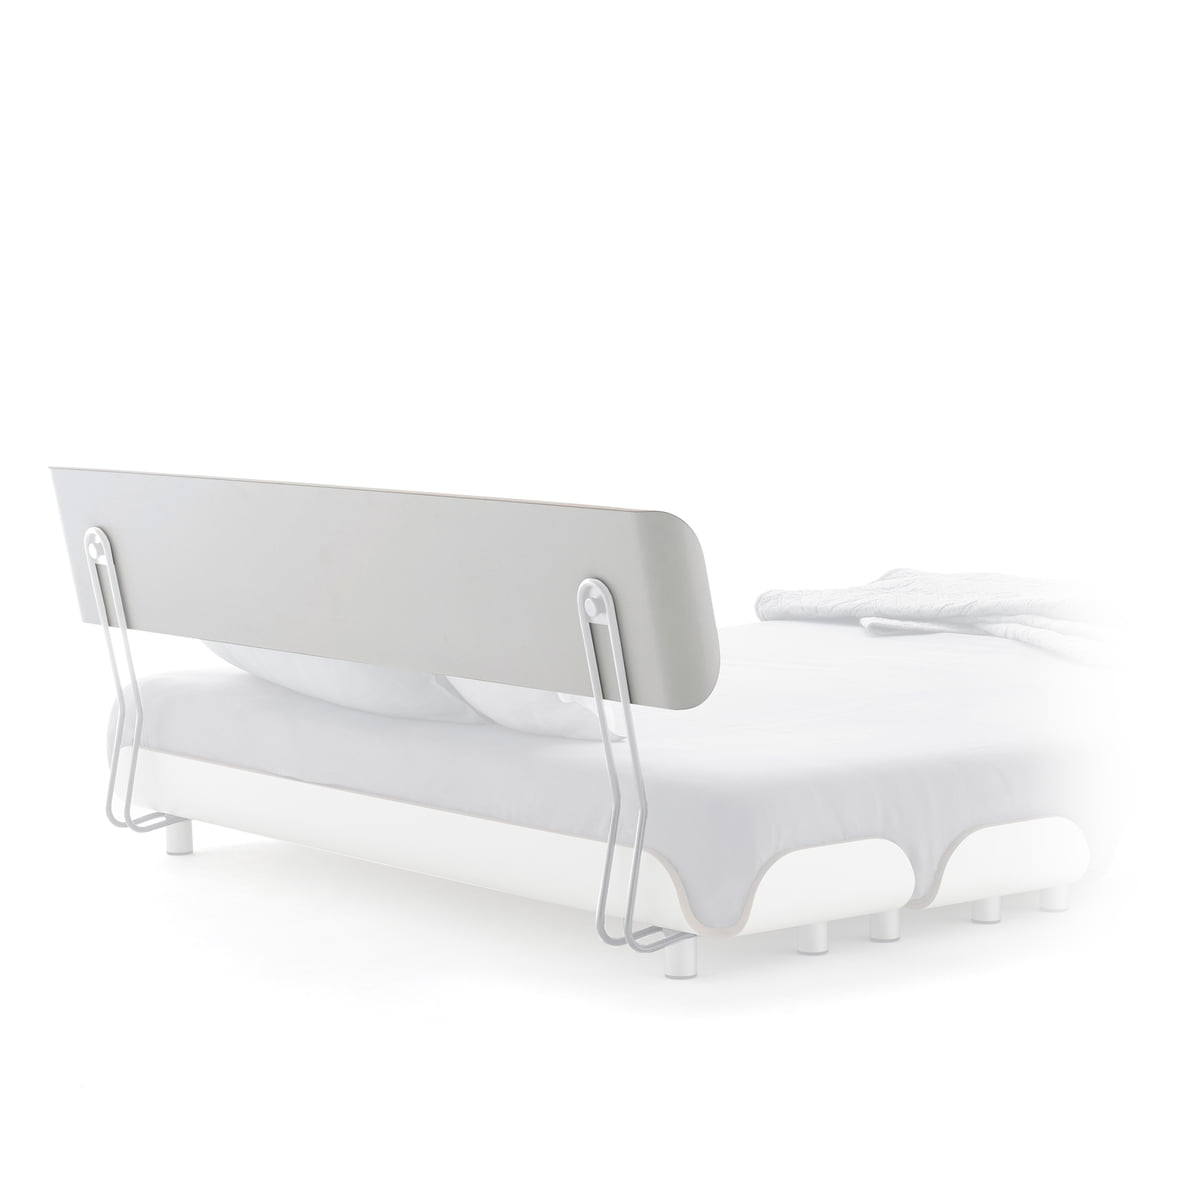 r ckenlehne f r tiefschlaf bett von stadtnomaden connox. Black Bedroom Furniture Sets. Home Design Ideas